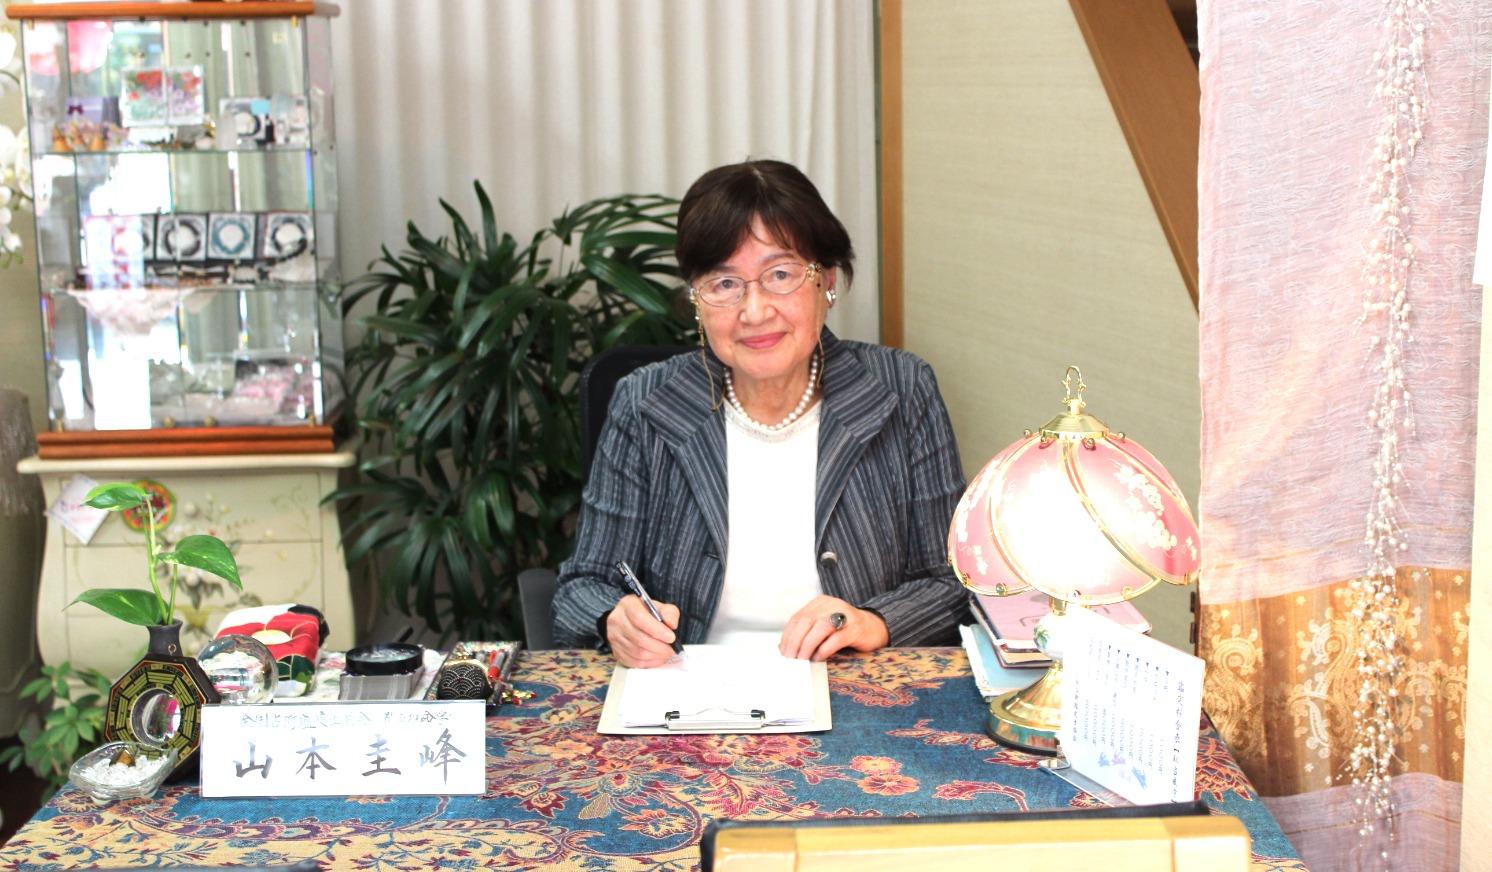 山本 圭峰 -Yamamoto Keihou-